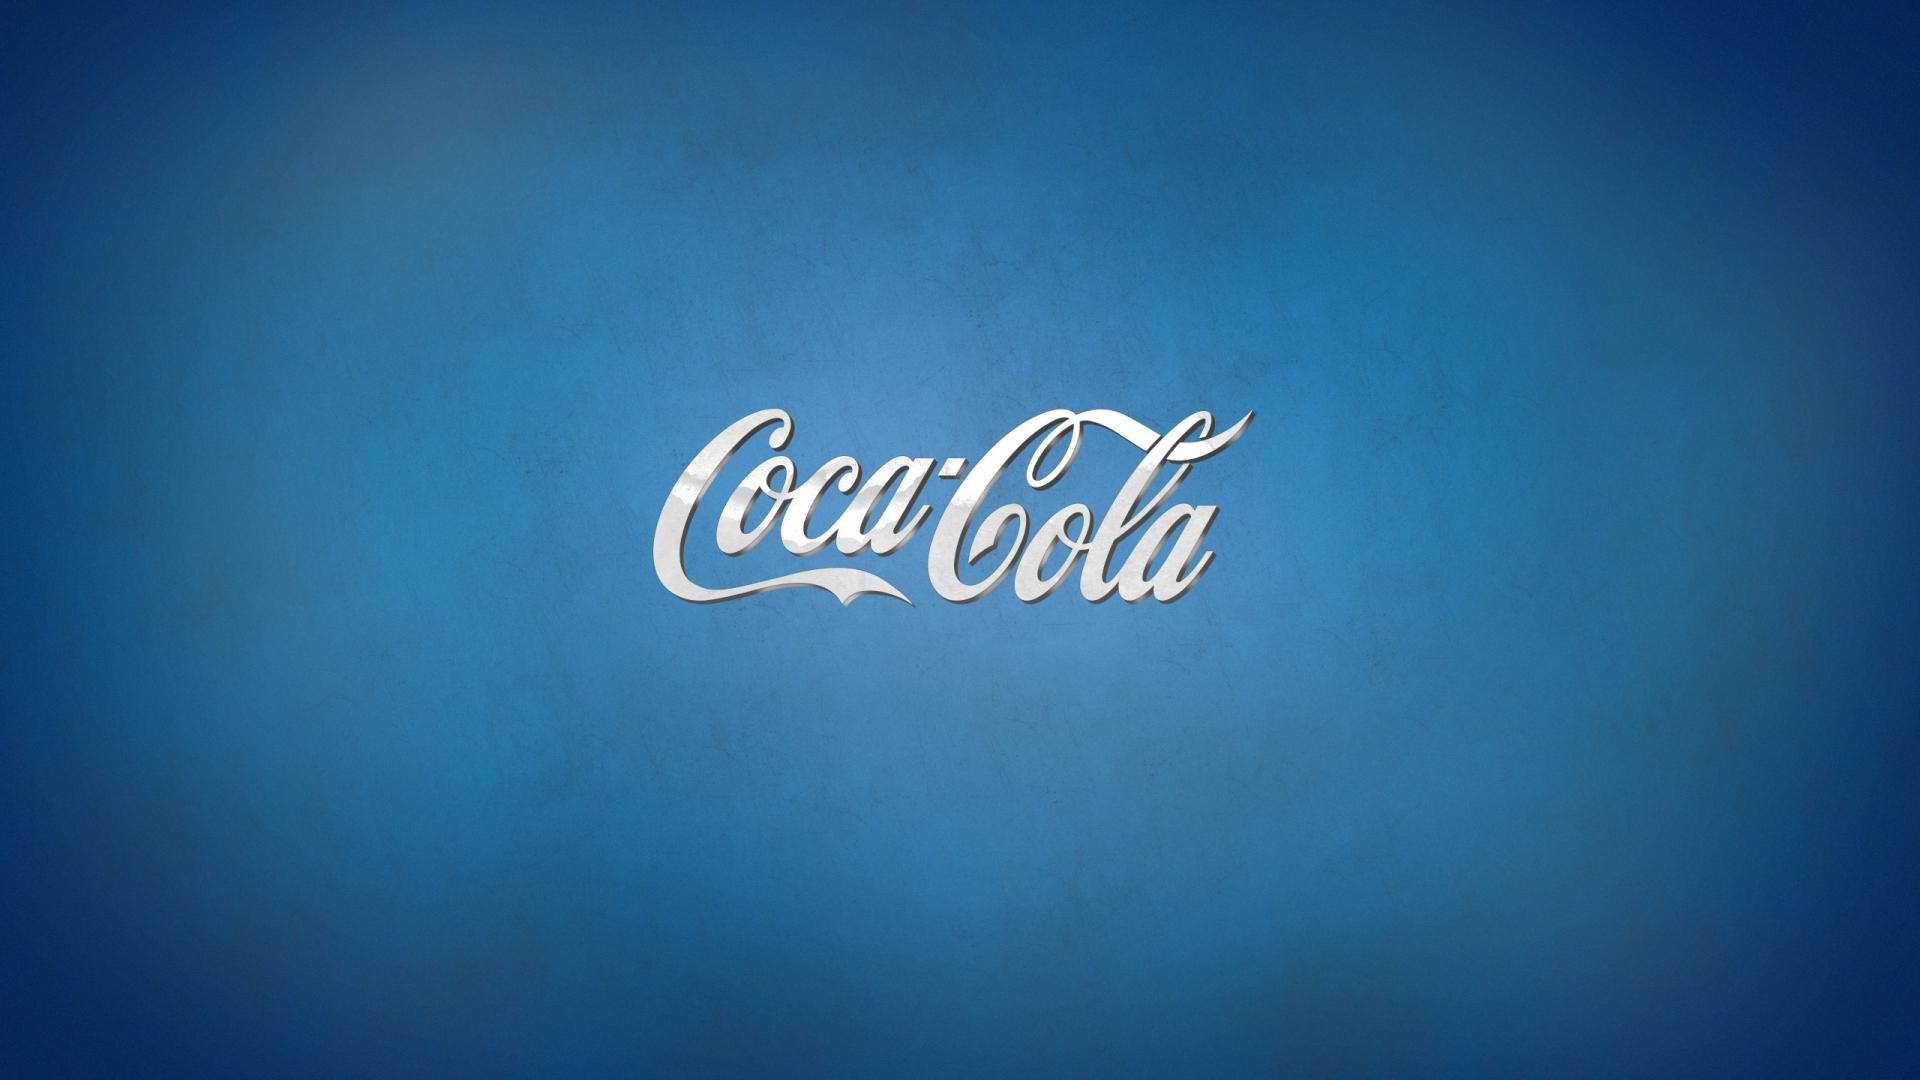 Blue Coca Cola Wallpaper HD Coca Cola HD Widescreen Wallpapers 1920x1080